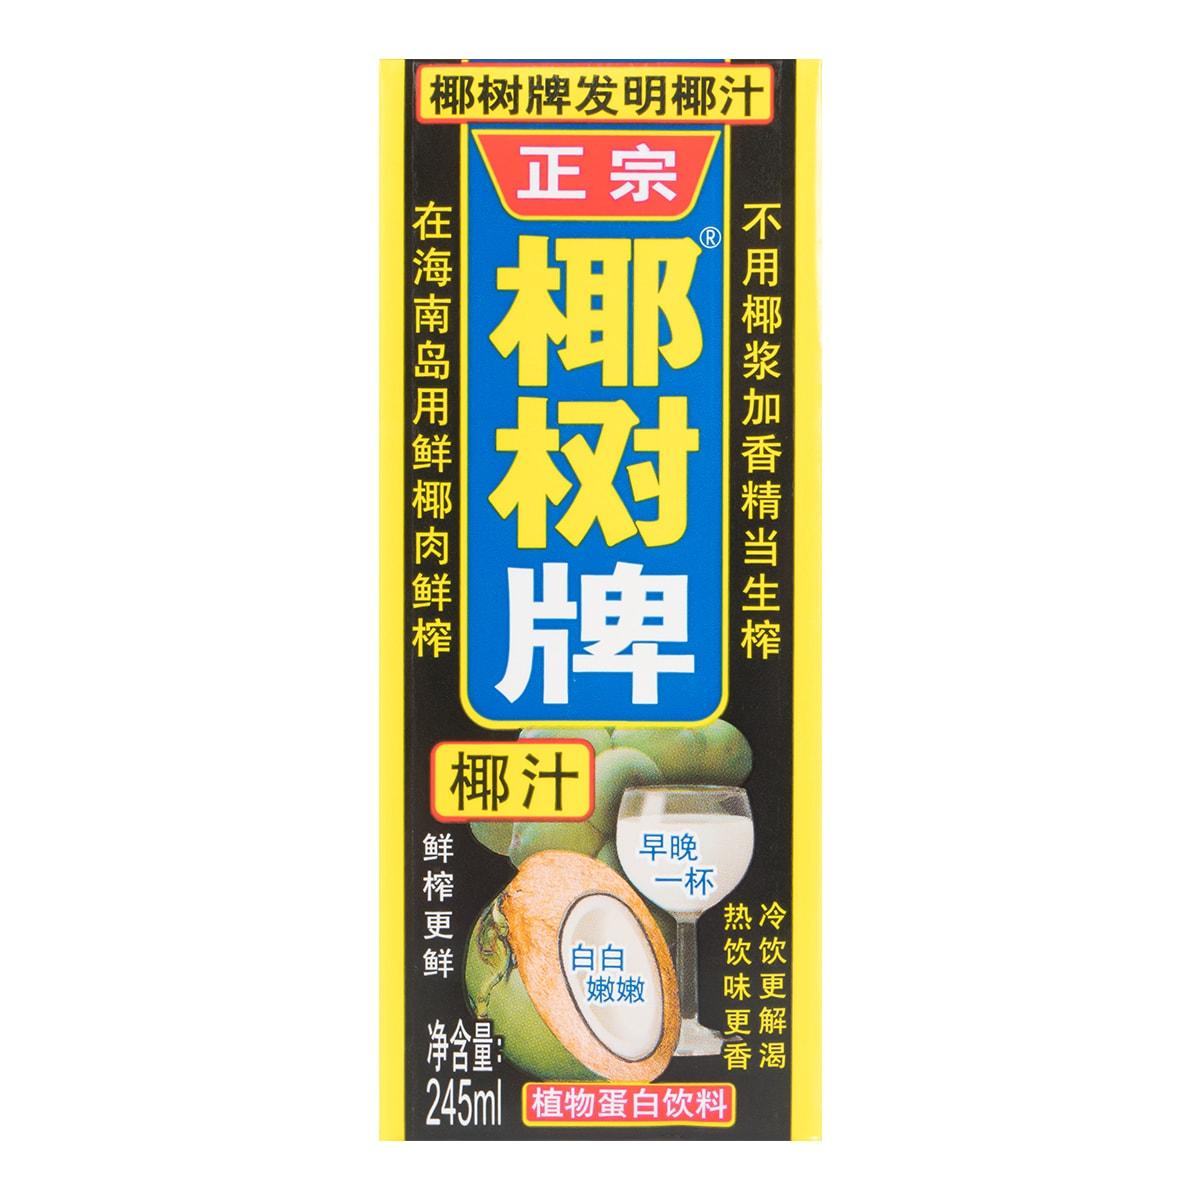 海南椰树牌 椰汁 盒装 245ml 国宴饮料